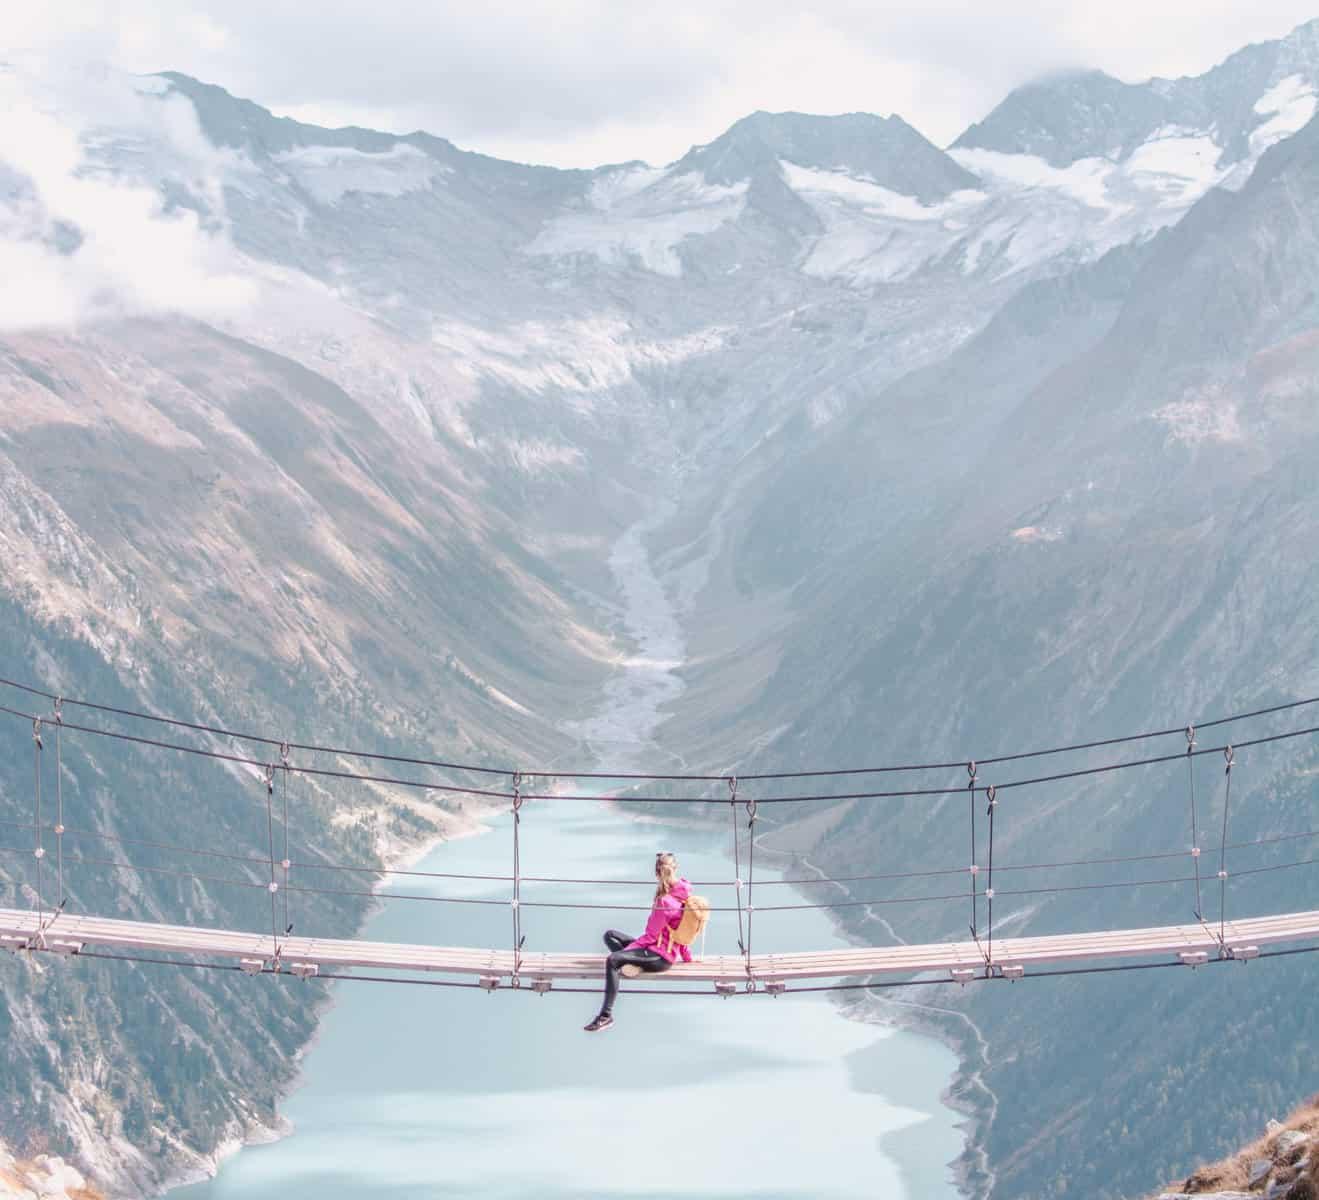 Wie man zu dieser spektakulären Hängebrücke in Österreich kommt